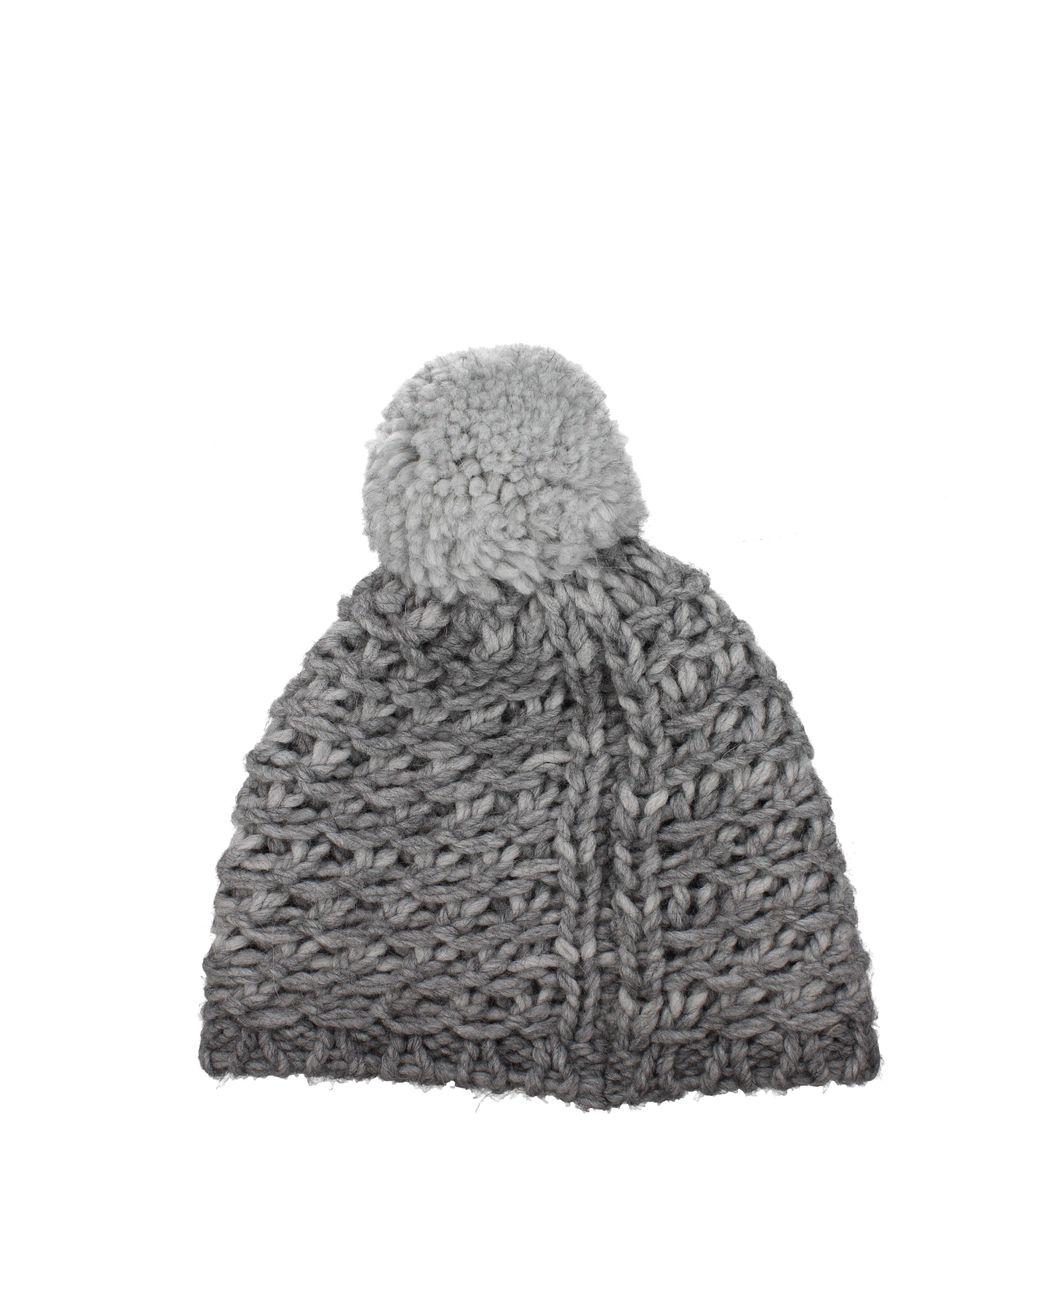 7f85b0aa7198b Lyst - UGG Hats Yarn Pom Hat Women Gray in Gray